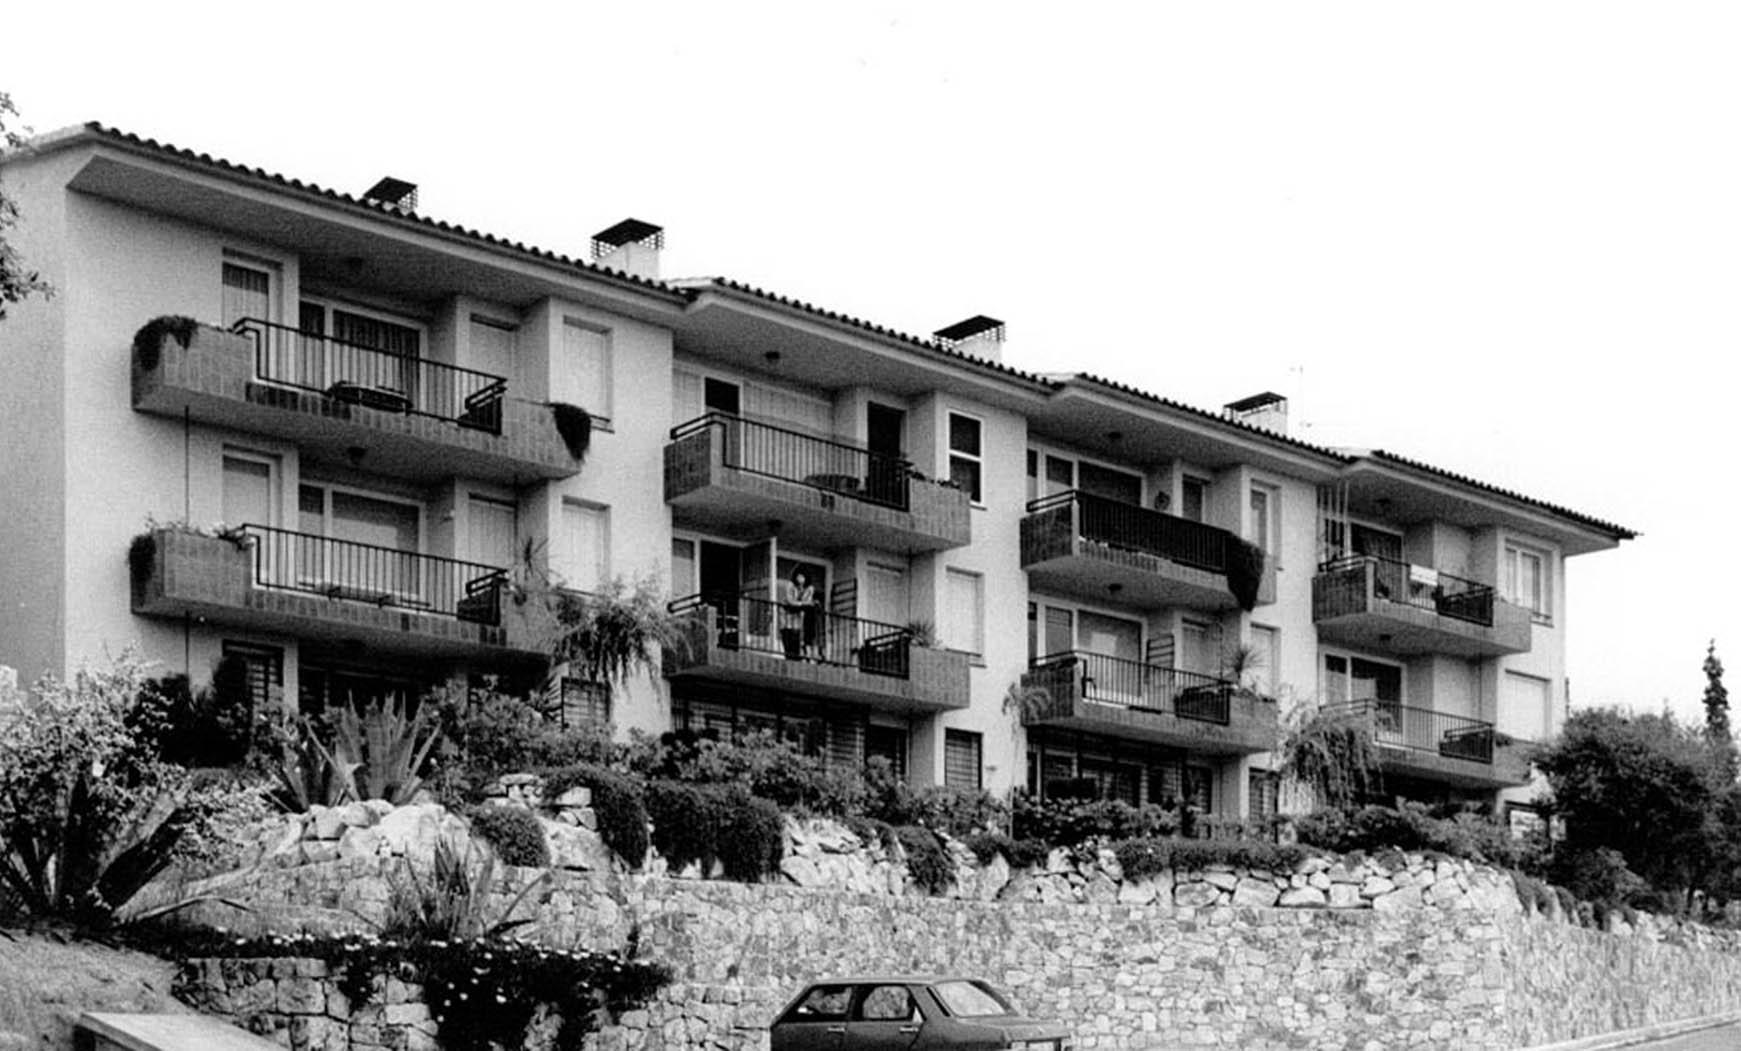 16 apartamentos en Tossa de Mar (1984), en colaboración con Francesc Mitjans